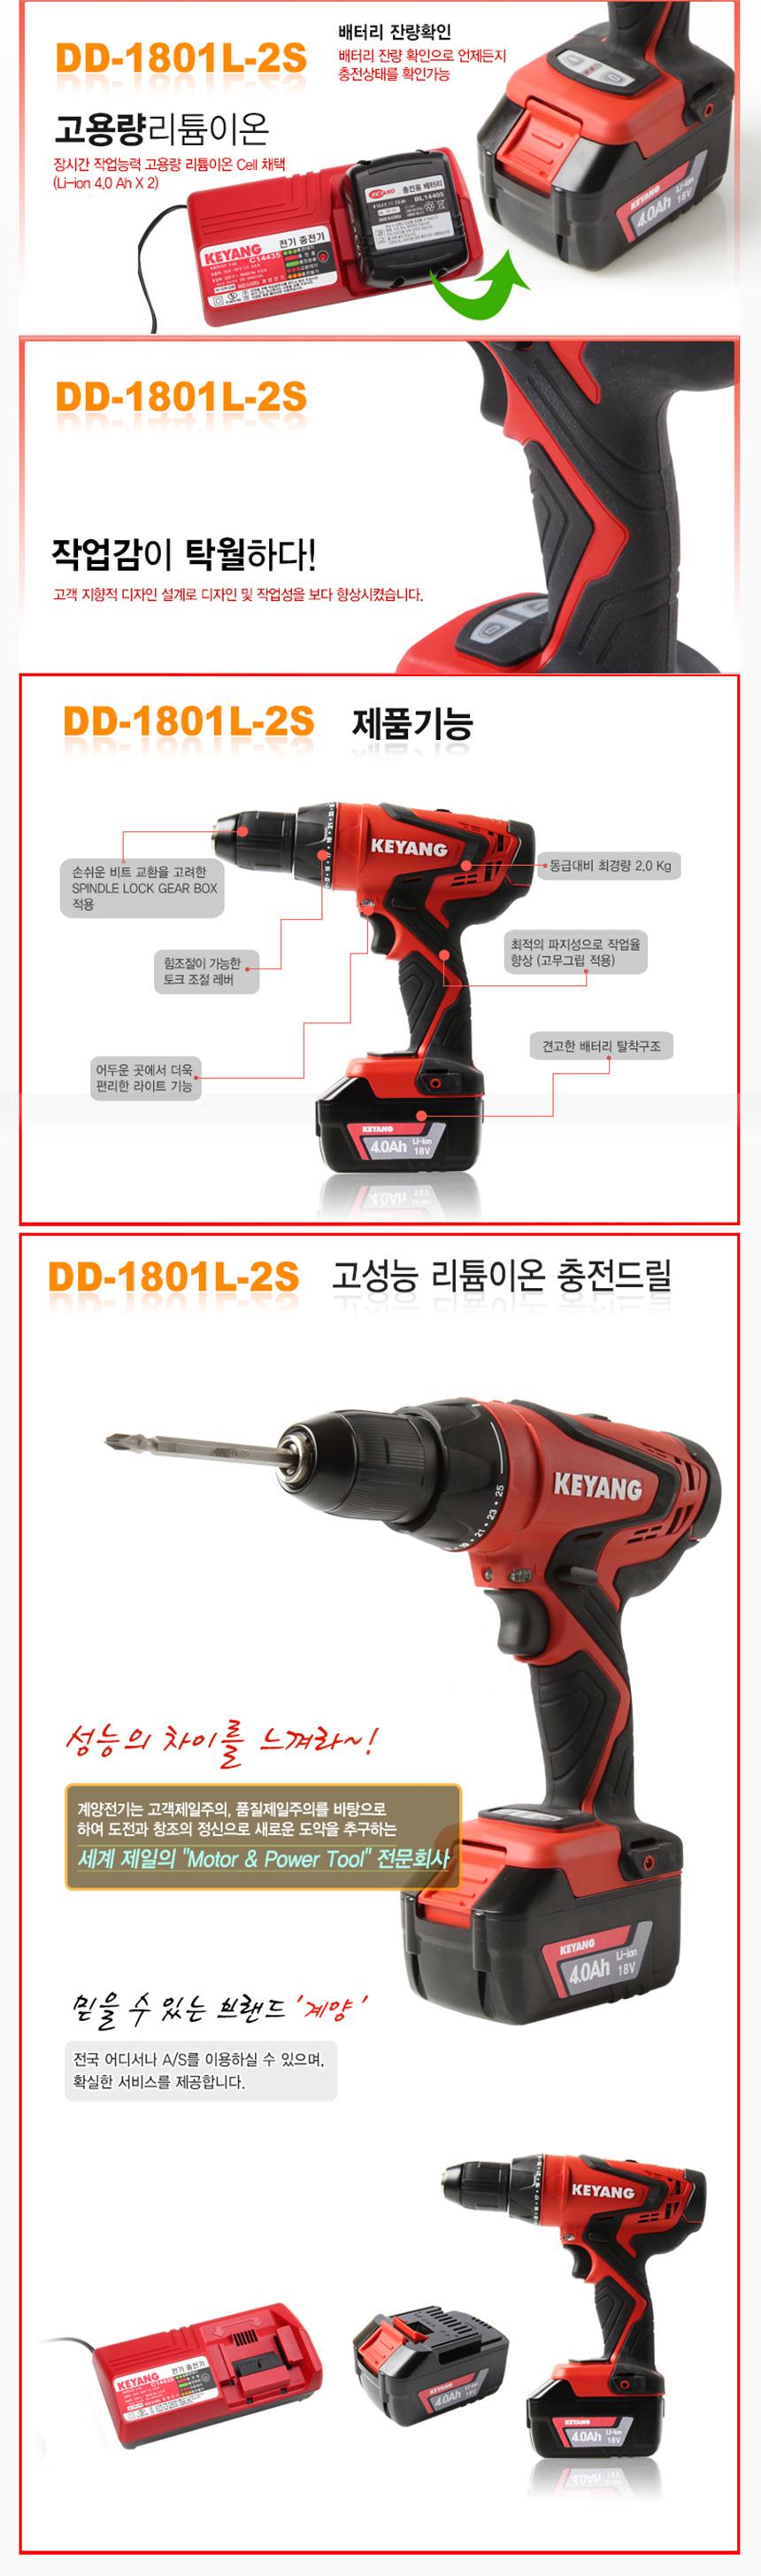 DD-1801L-2S--02.jpg